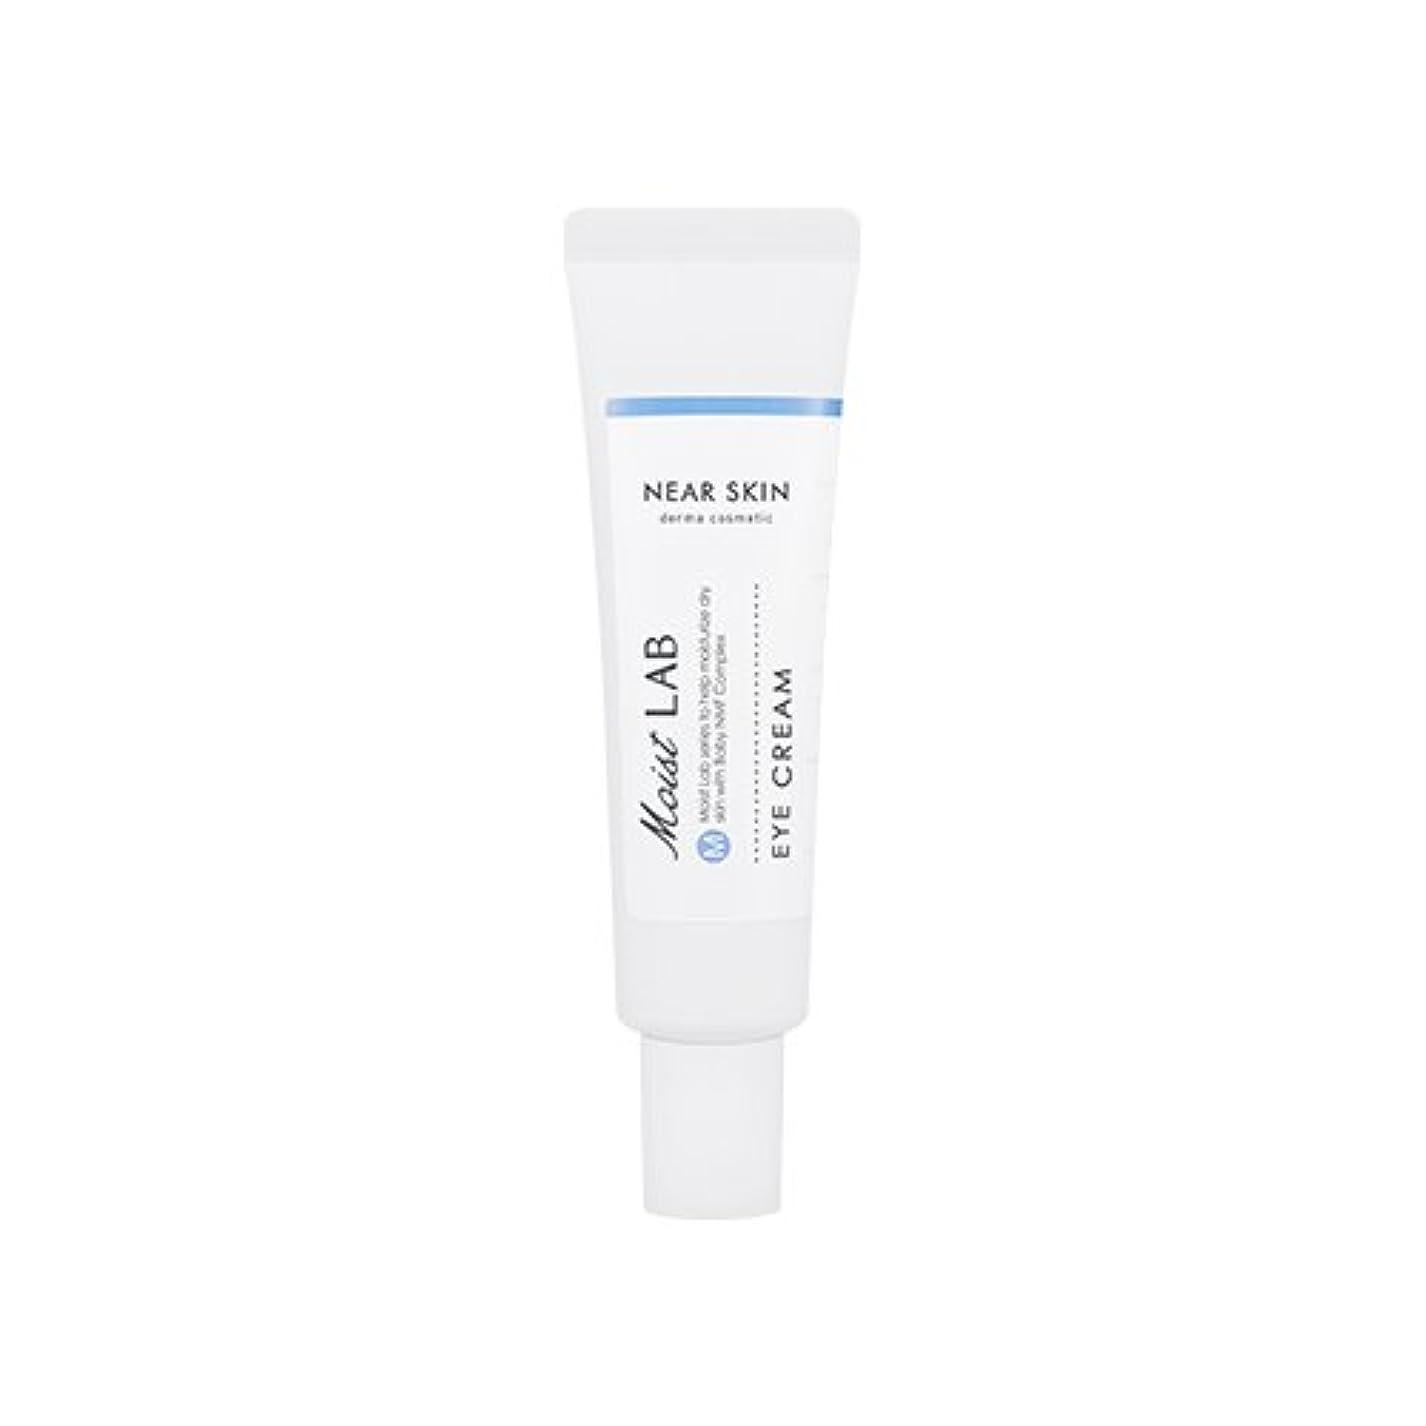 満たすトレード振る舞うMISSHA NEAR SKIN Derma Cosmetic Moist LAB (Eye Cream) / ミシャ ニアスキン ダーマコスメティックモイストラボ アイクリーム 30ml [並行輸入品]